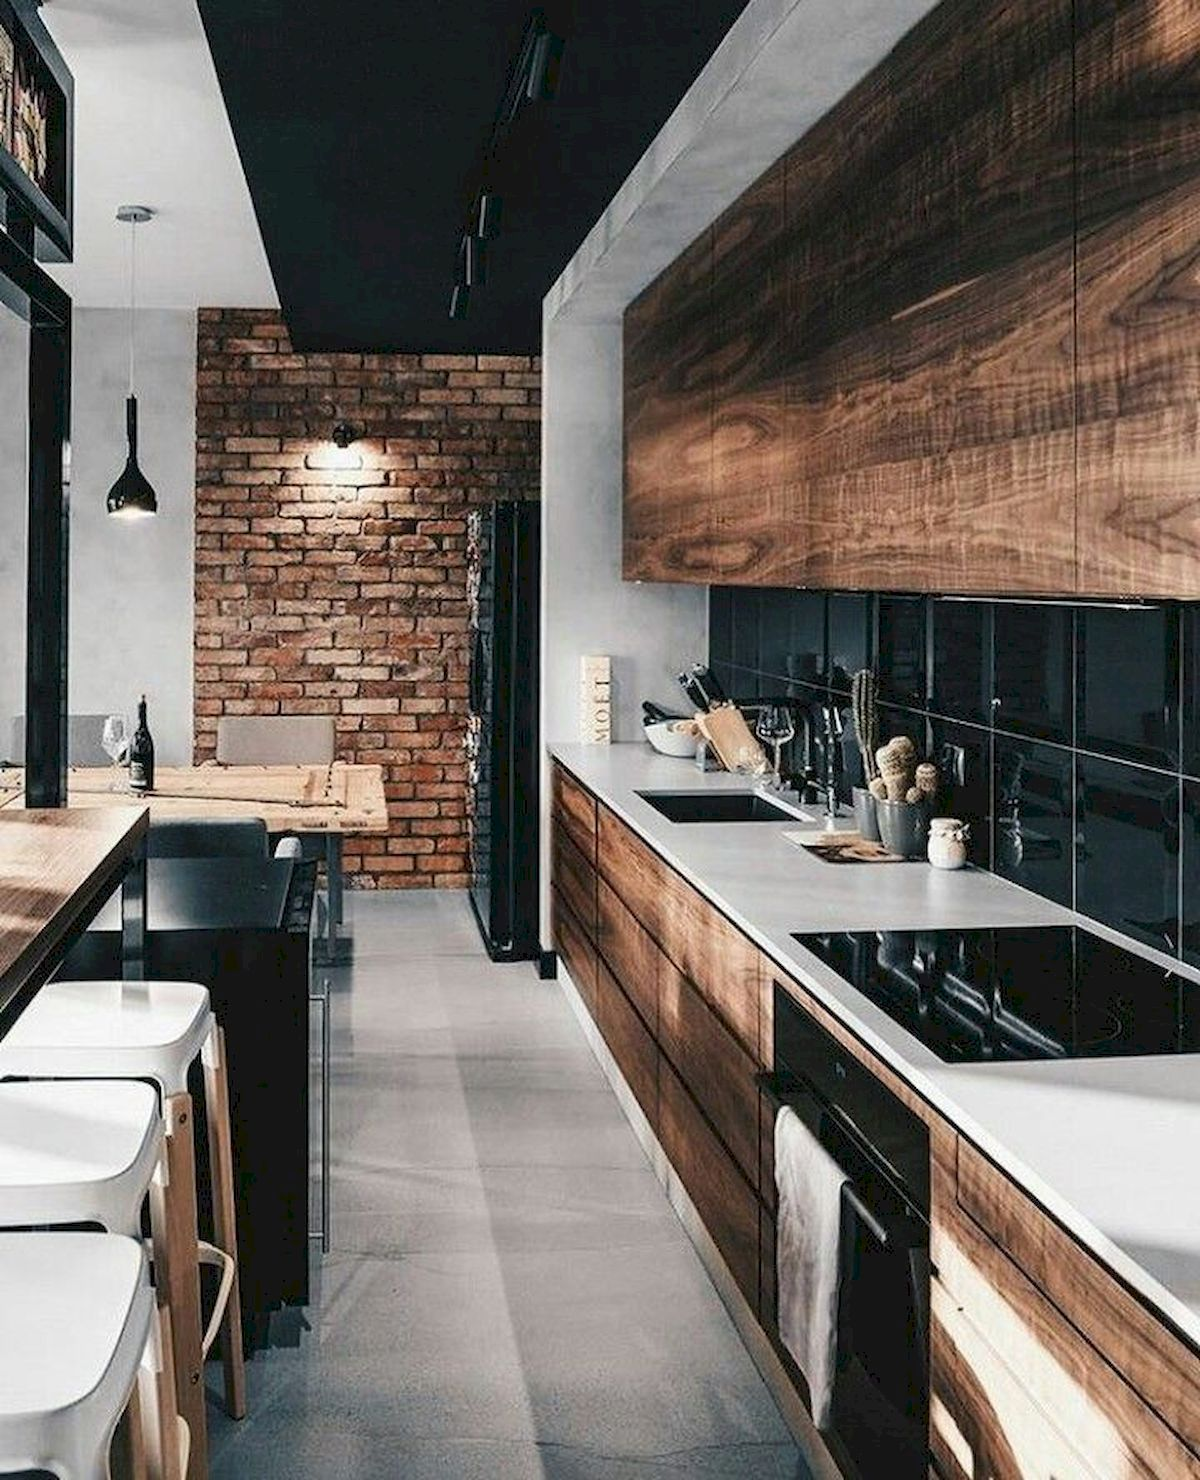 30 Minimalist But Luxurious Kitchen Design 22 Jihanshanum Modern Kitchen Design Kitchen Design Interior Design Kitchen